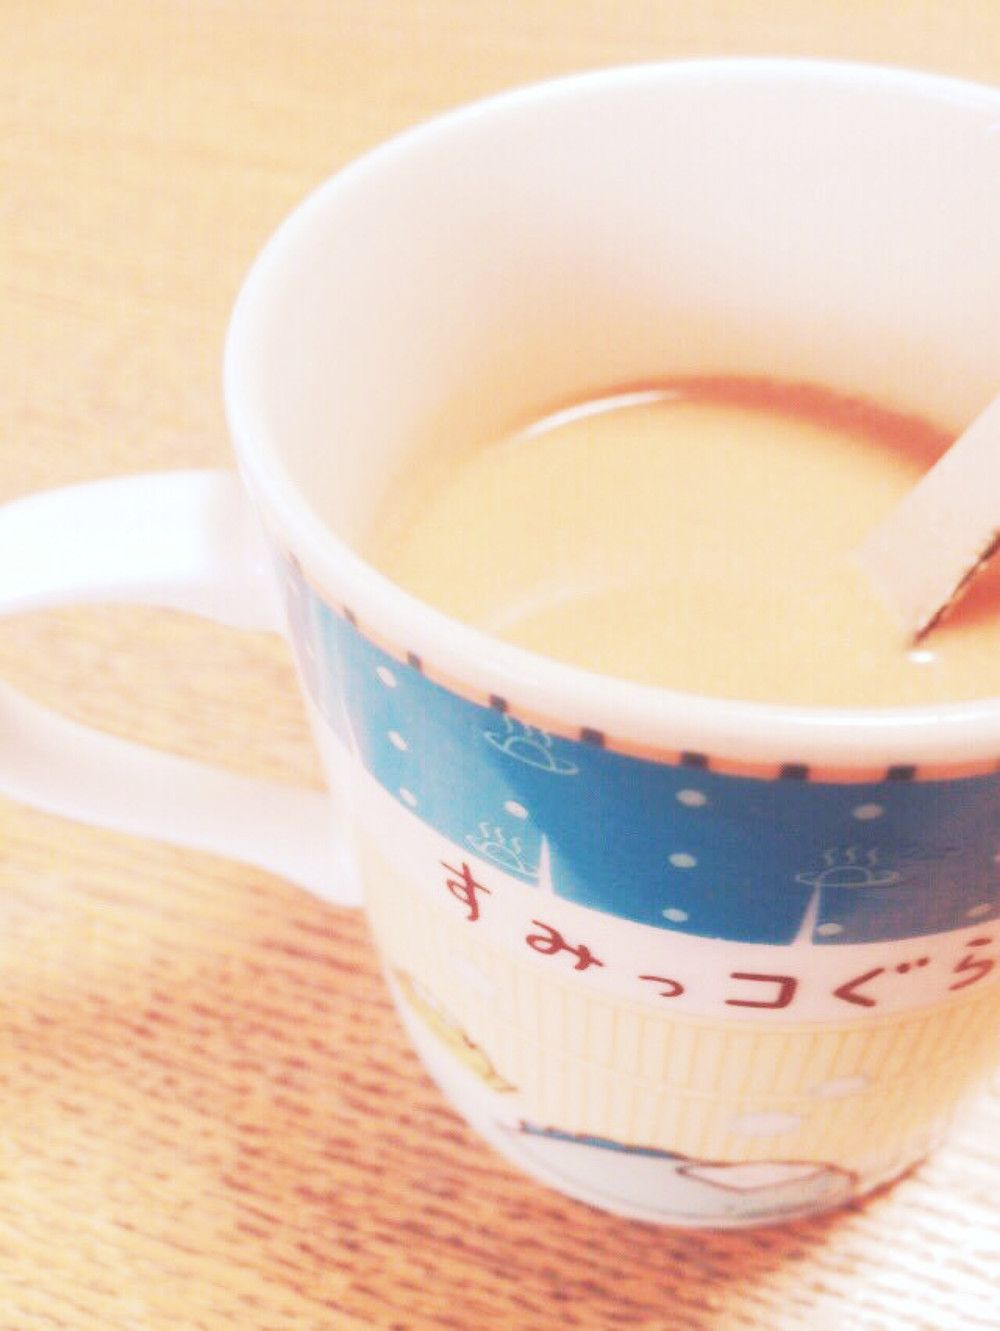 きゃらめるホットミルク By そら飛ぶ桃の木 レシピ 桃の木 ホットミルク ミルク